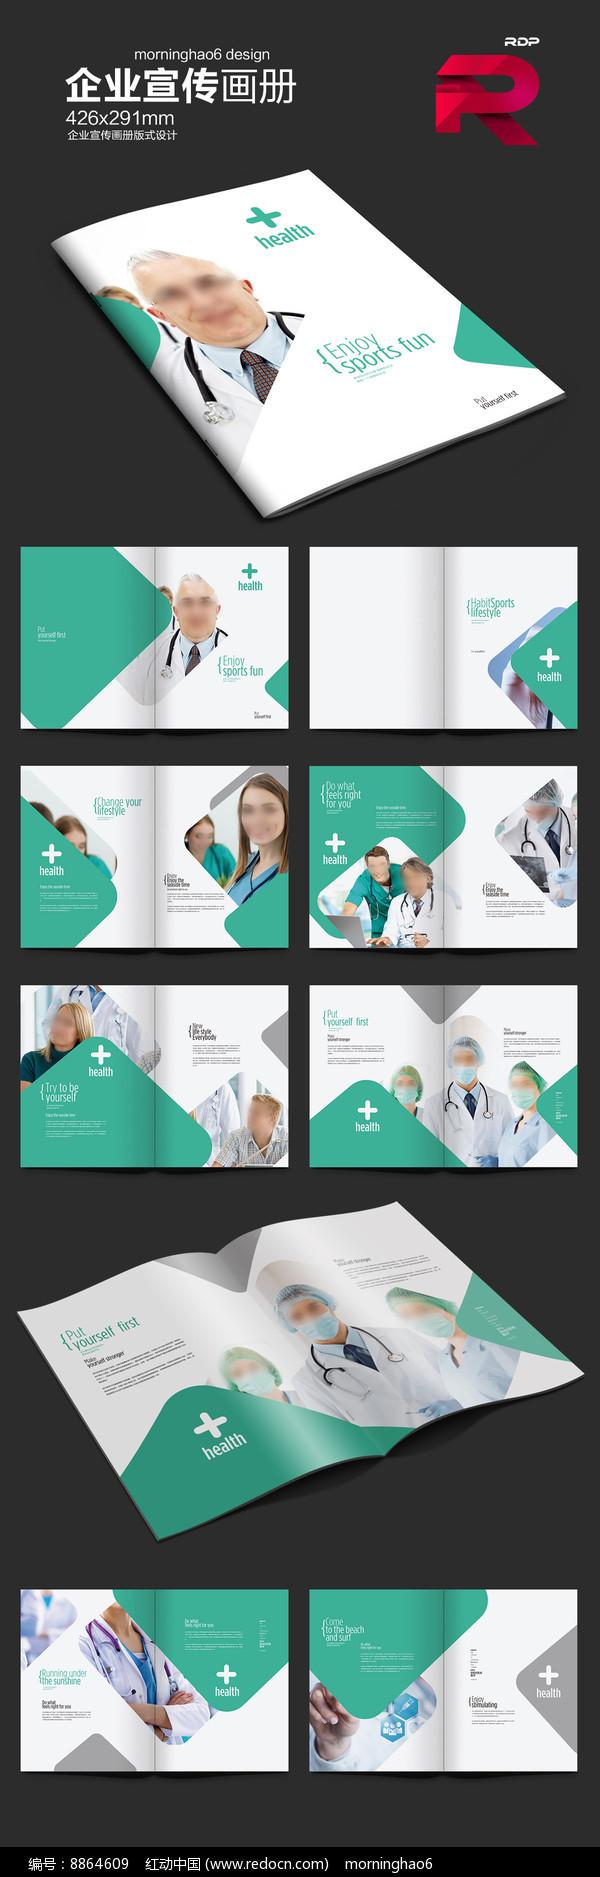 时尚体检机构画册版式设计图片